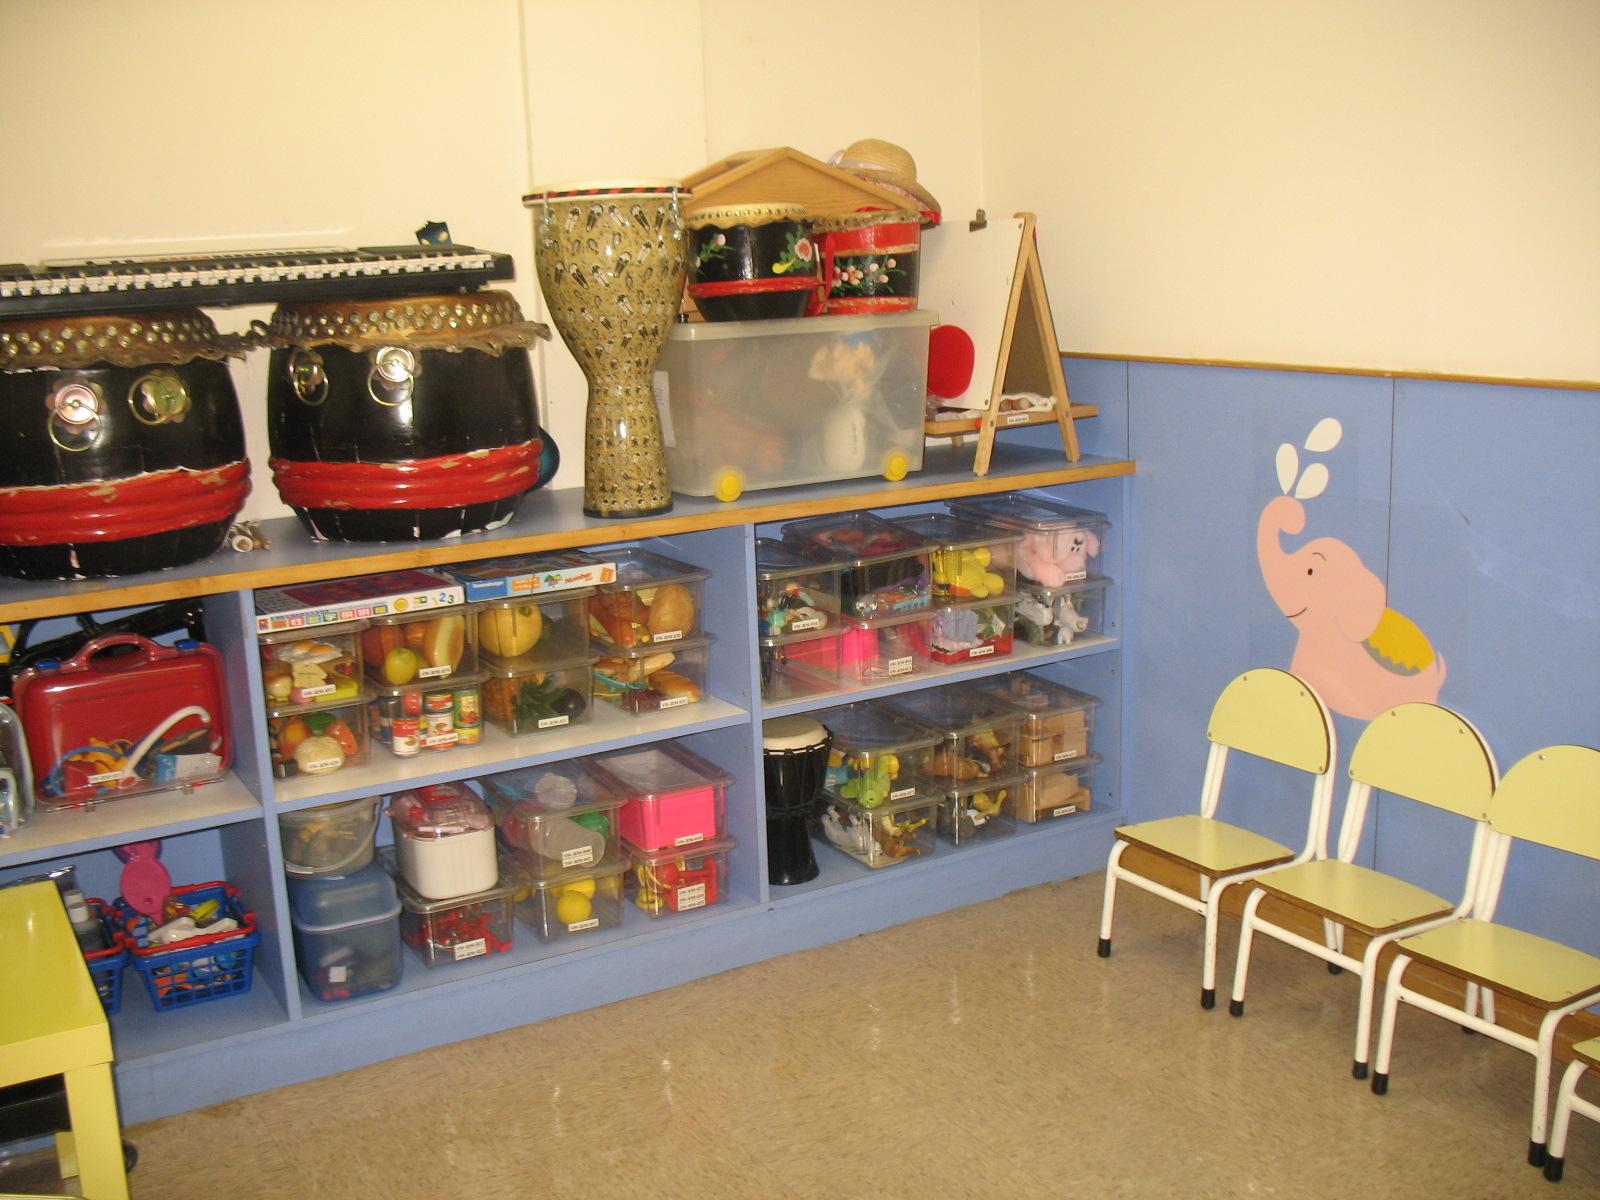 遊戲室內設有不同遊戲治療的玩具及2個不同角度的拍攝鏡頭。